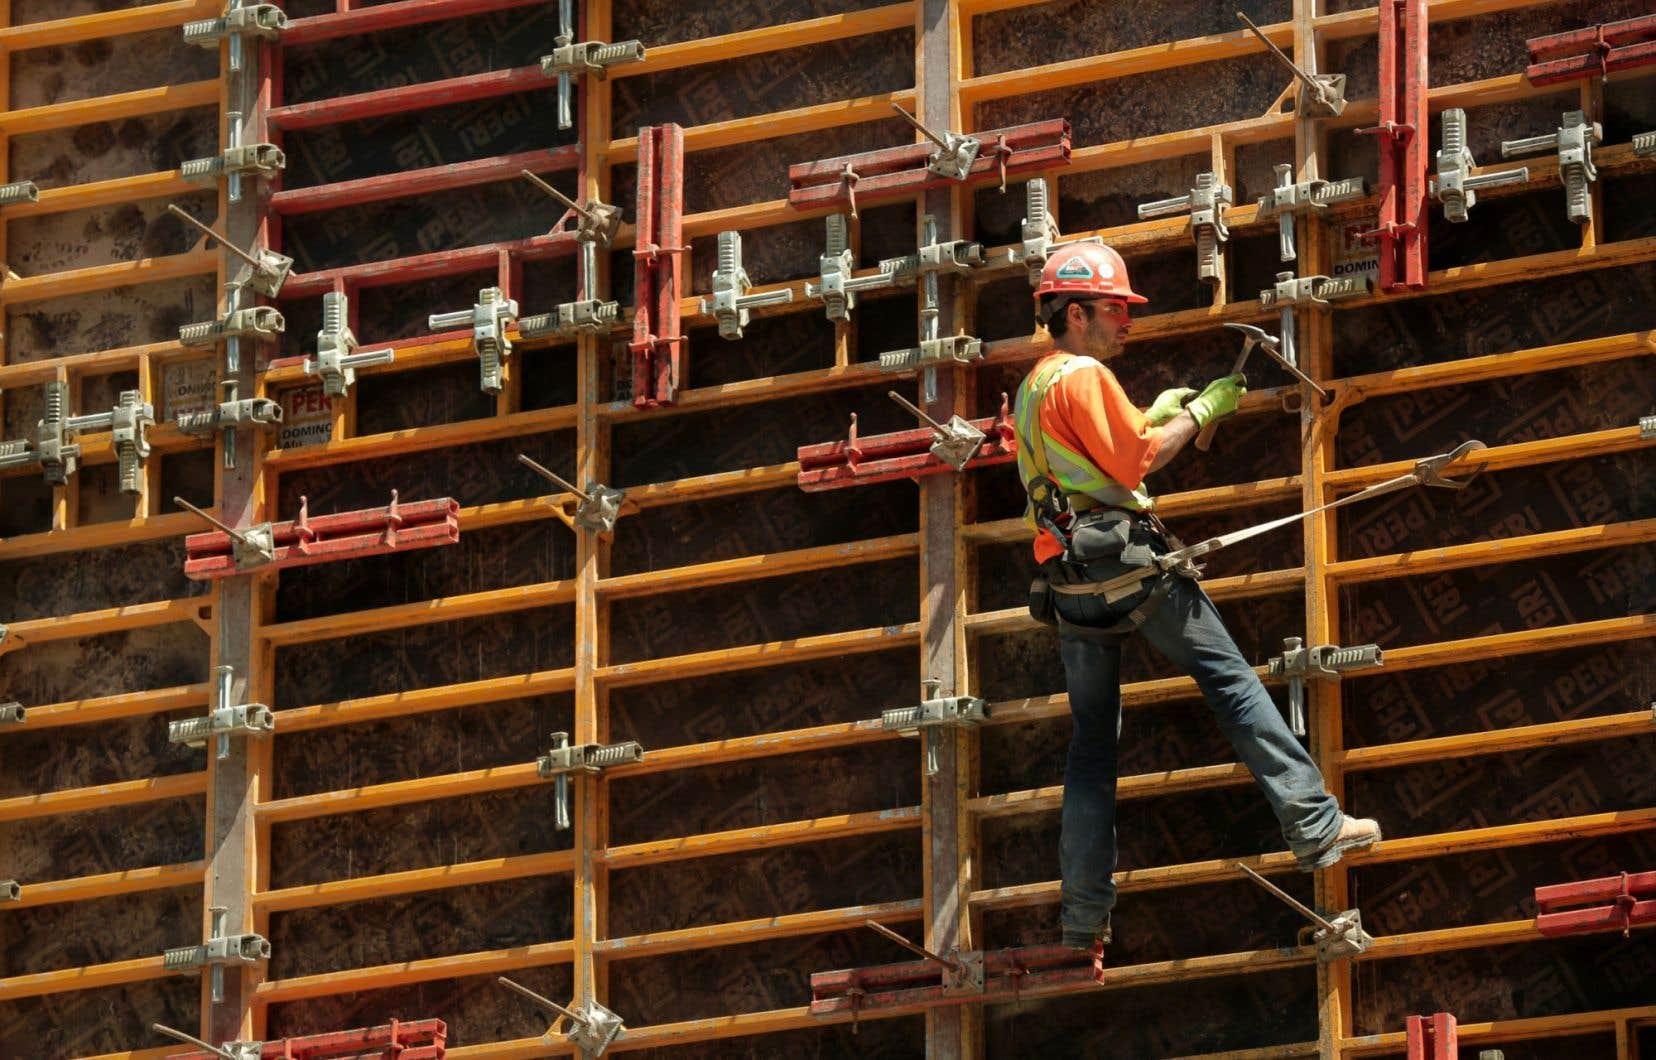 <p>L'Association de la construction, qui a 5800 entreprises membres, veut proposer une sorte de formation continue en matière d'éthique dans laquelle non seulement la direction, mais aussi les employés seraient engagés.</p>